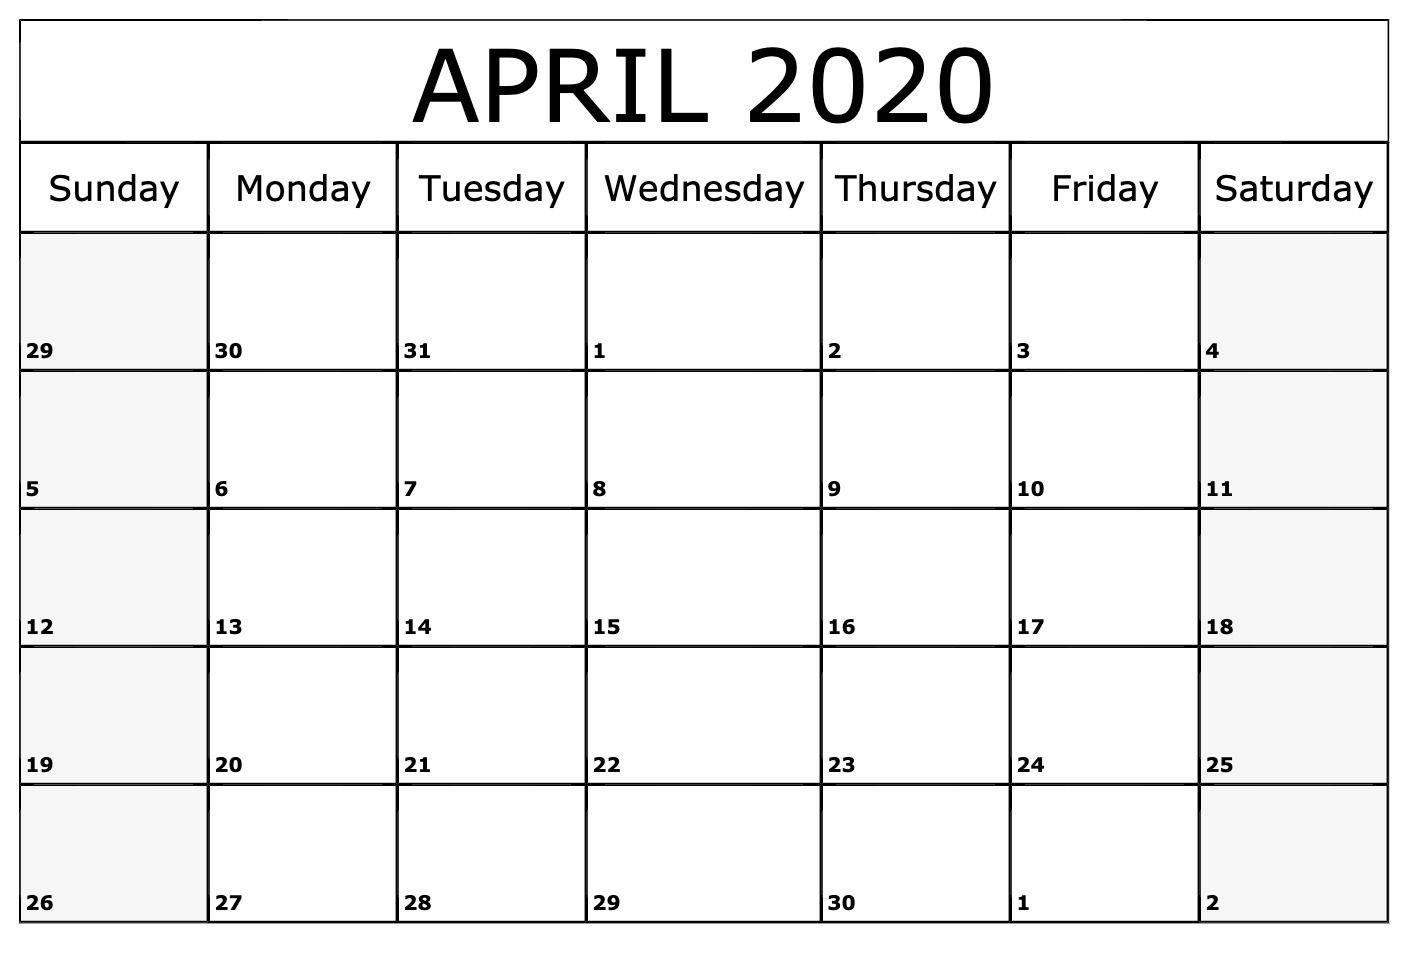 2020 Calendar For April